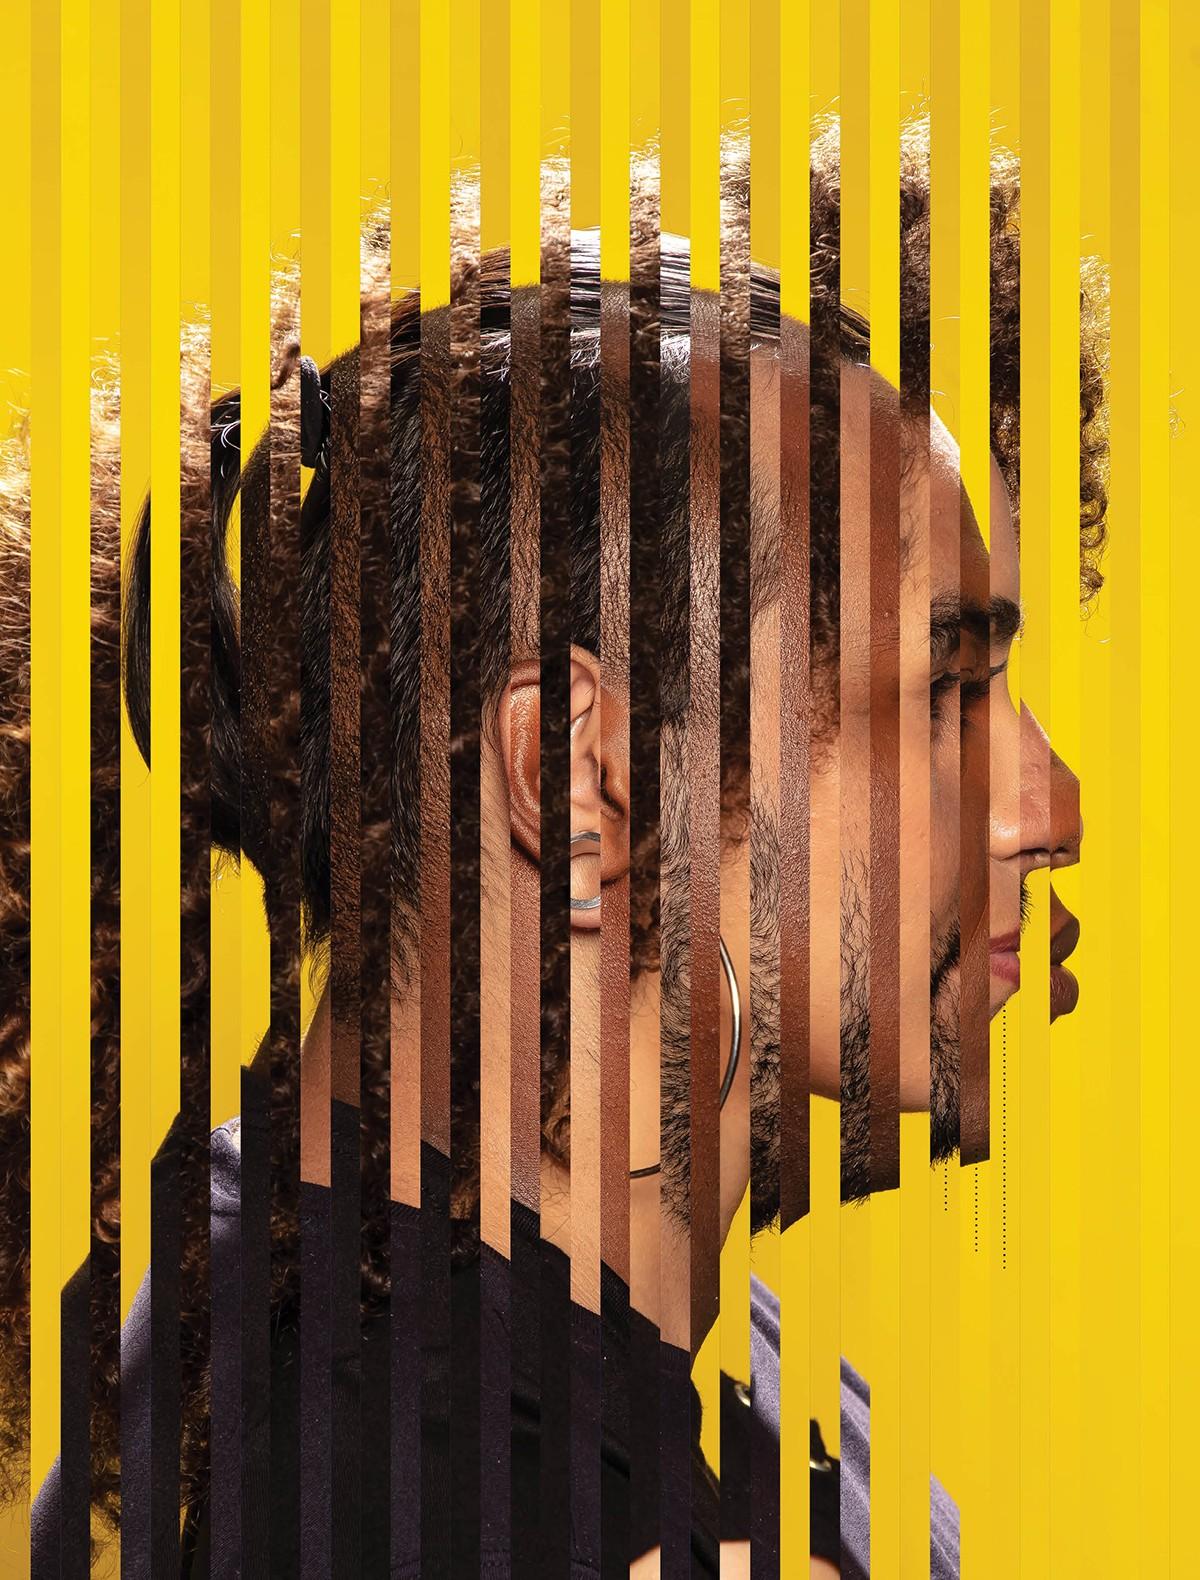 Montagem com retratos de Leonardo Bamonte, Rodrigo Alves e Silvia Vieira (Foto: Dulla / Direção de arte: Feu)